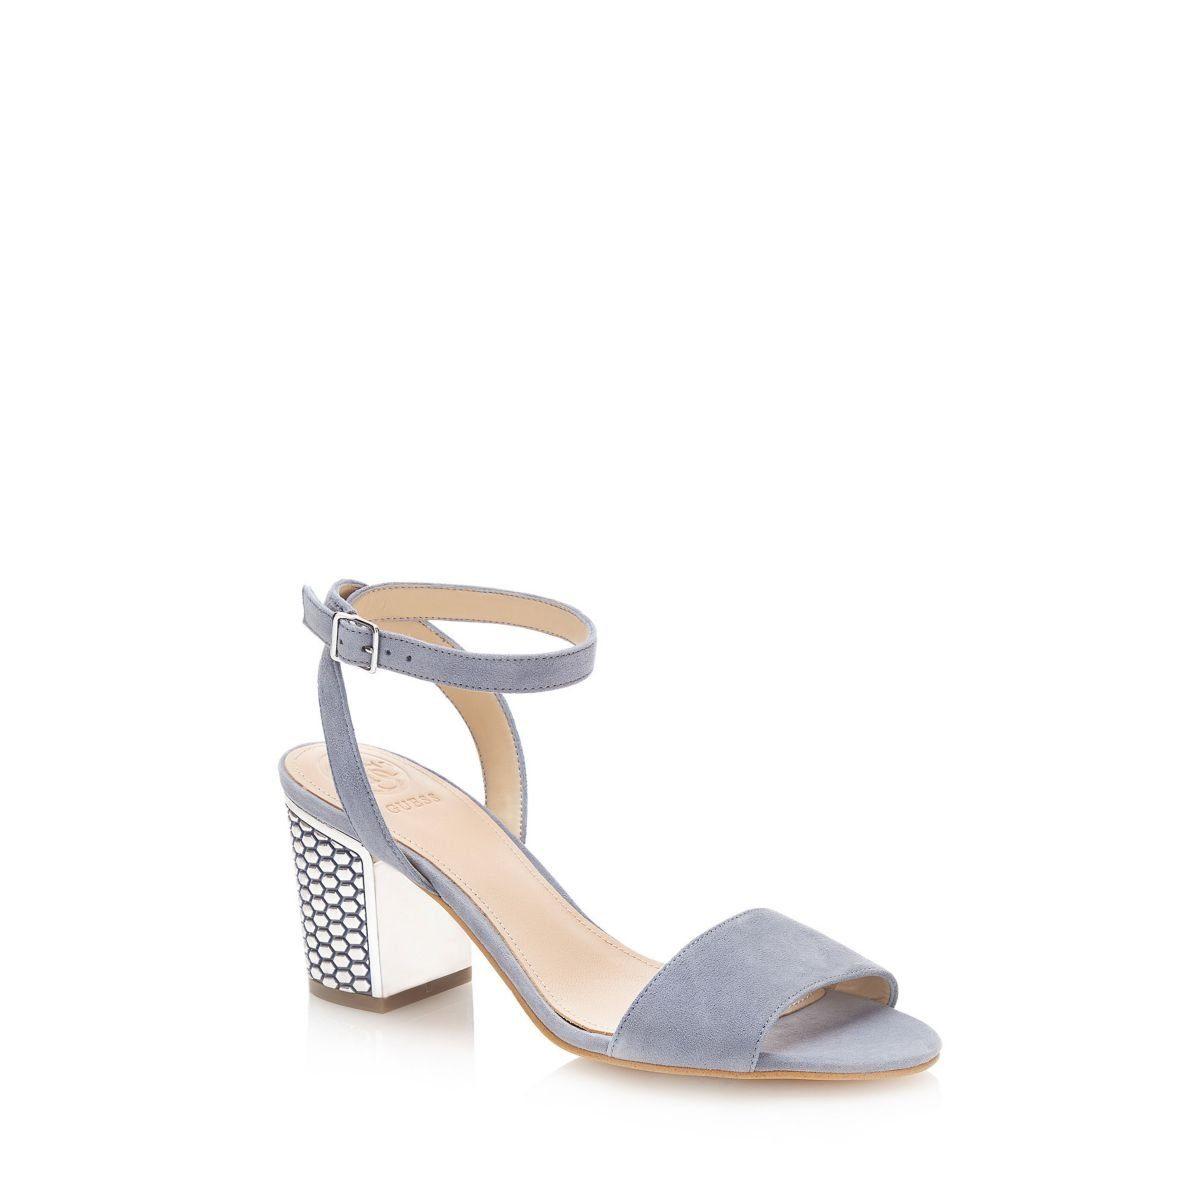 Guess Sandale online kaufen  himmelblau